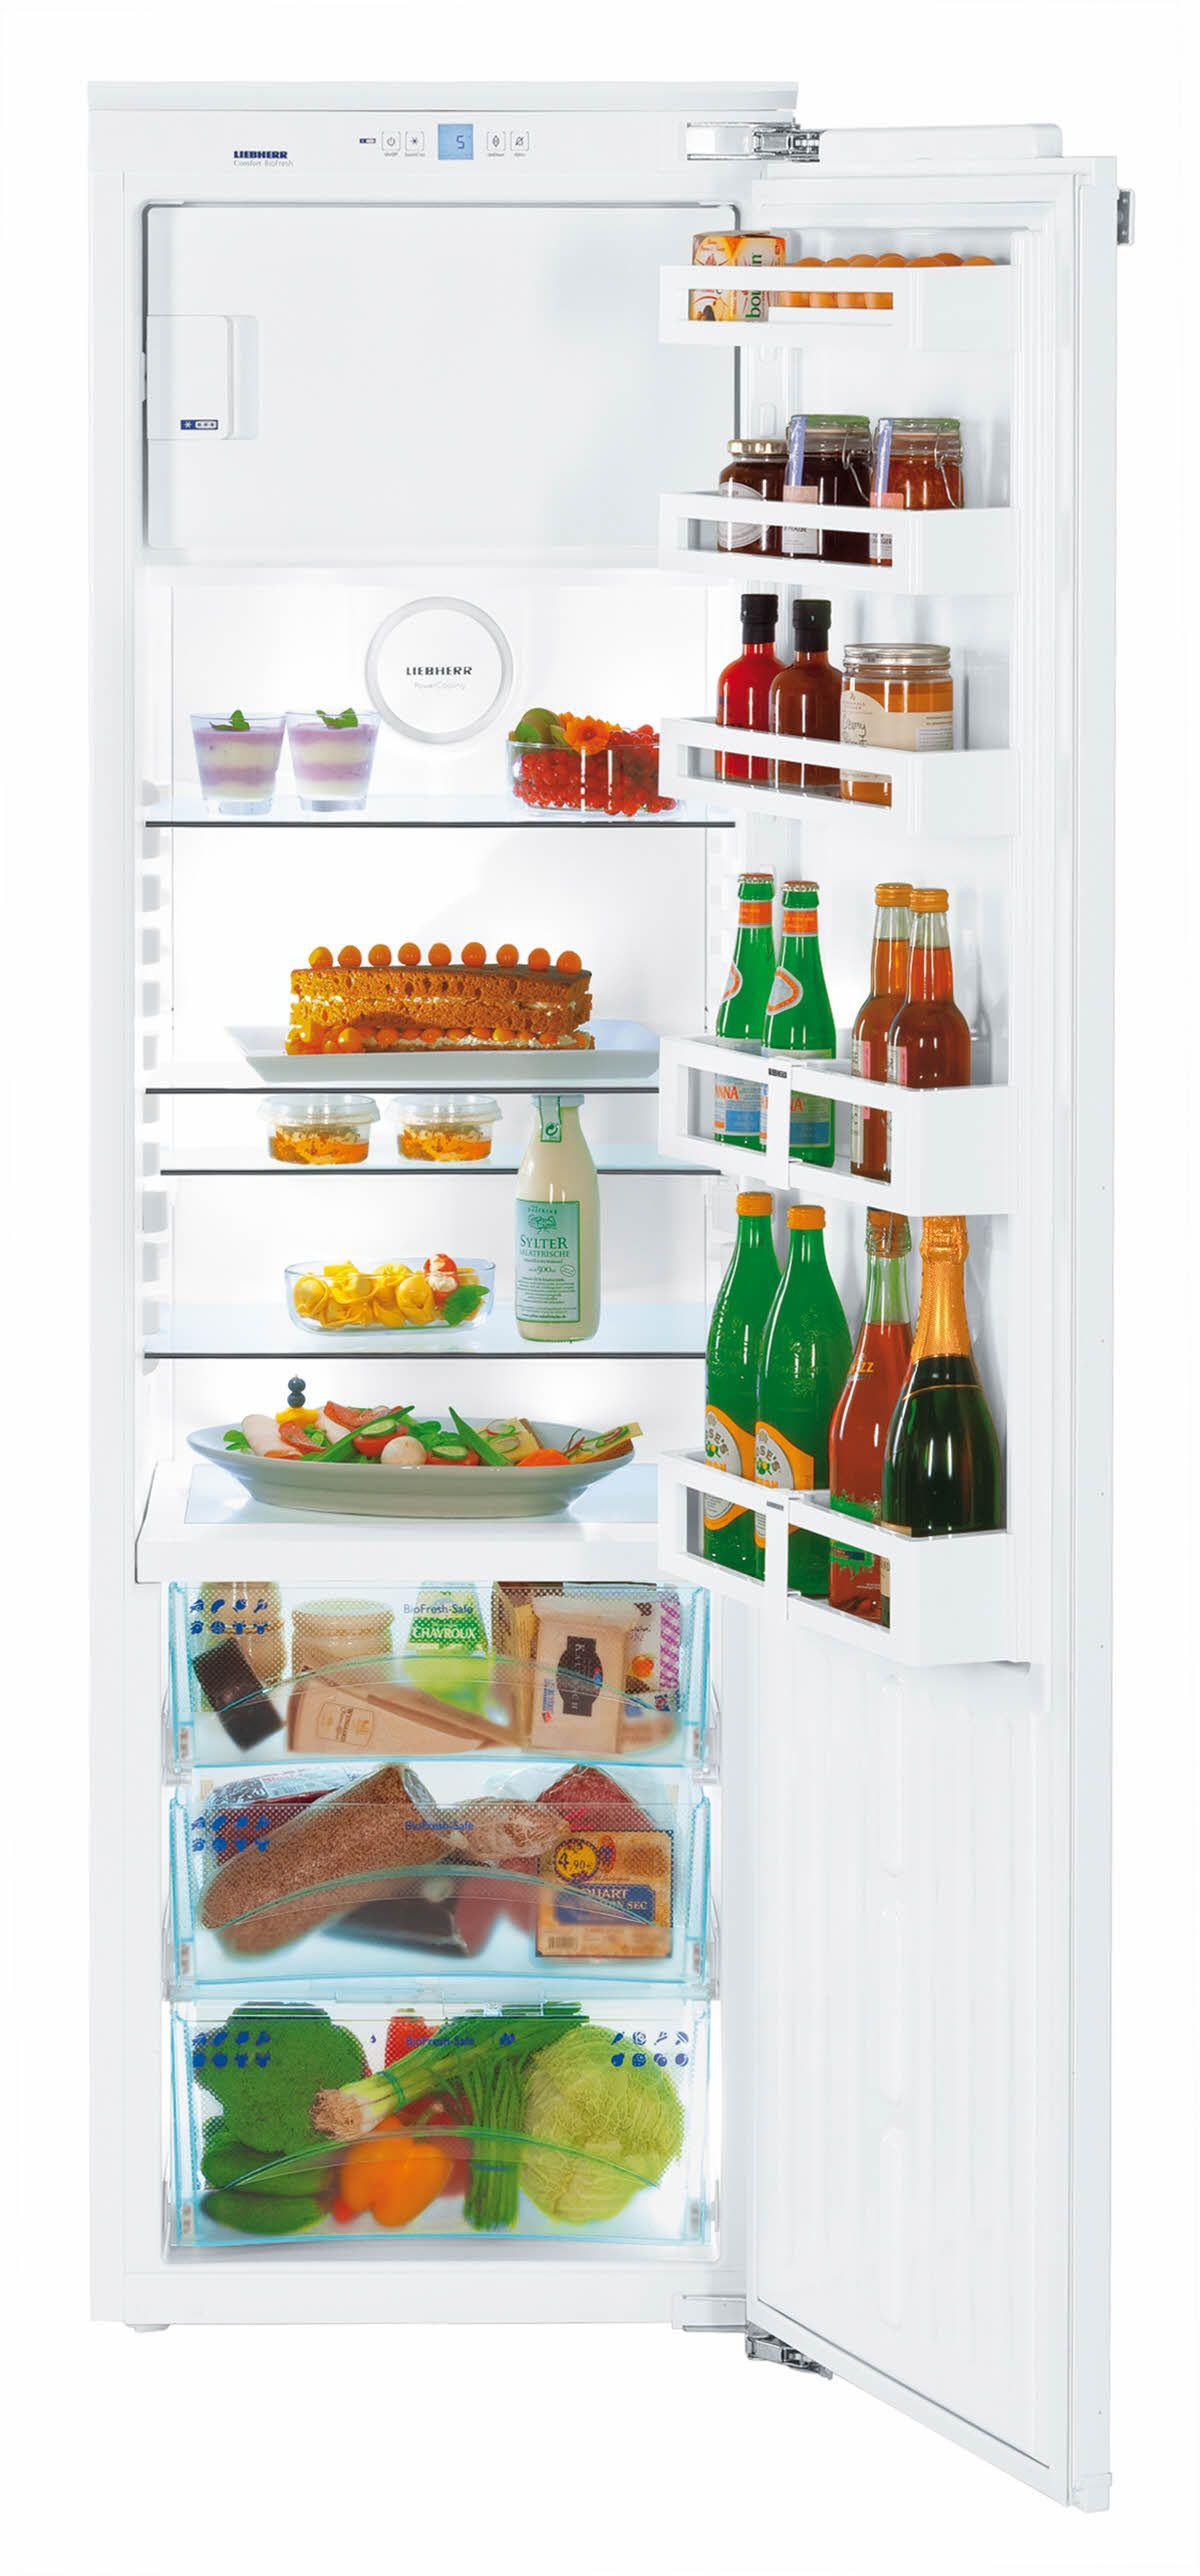 Встраиваемый холодильник LIEBHERR IKB 3514-20 001 от Ravta